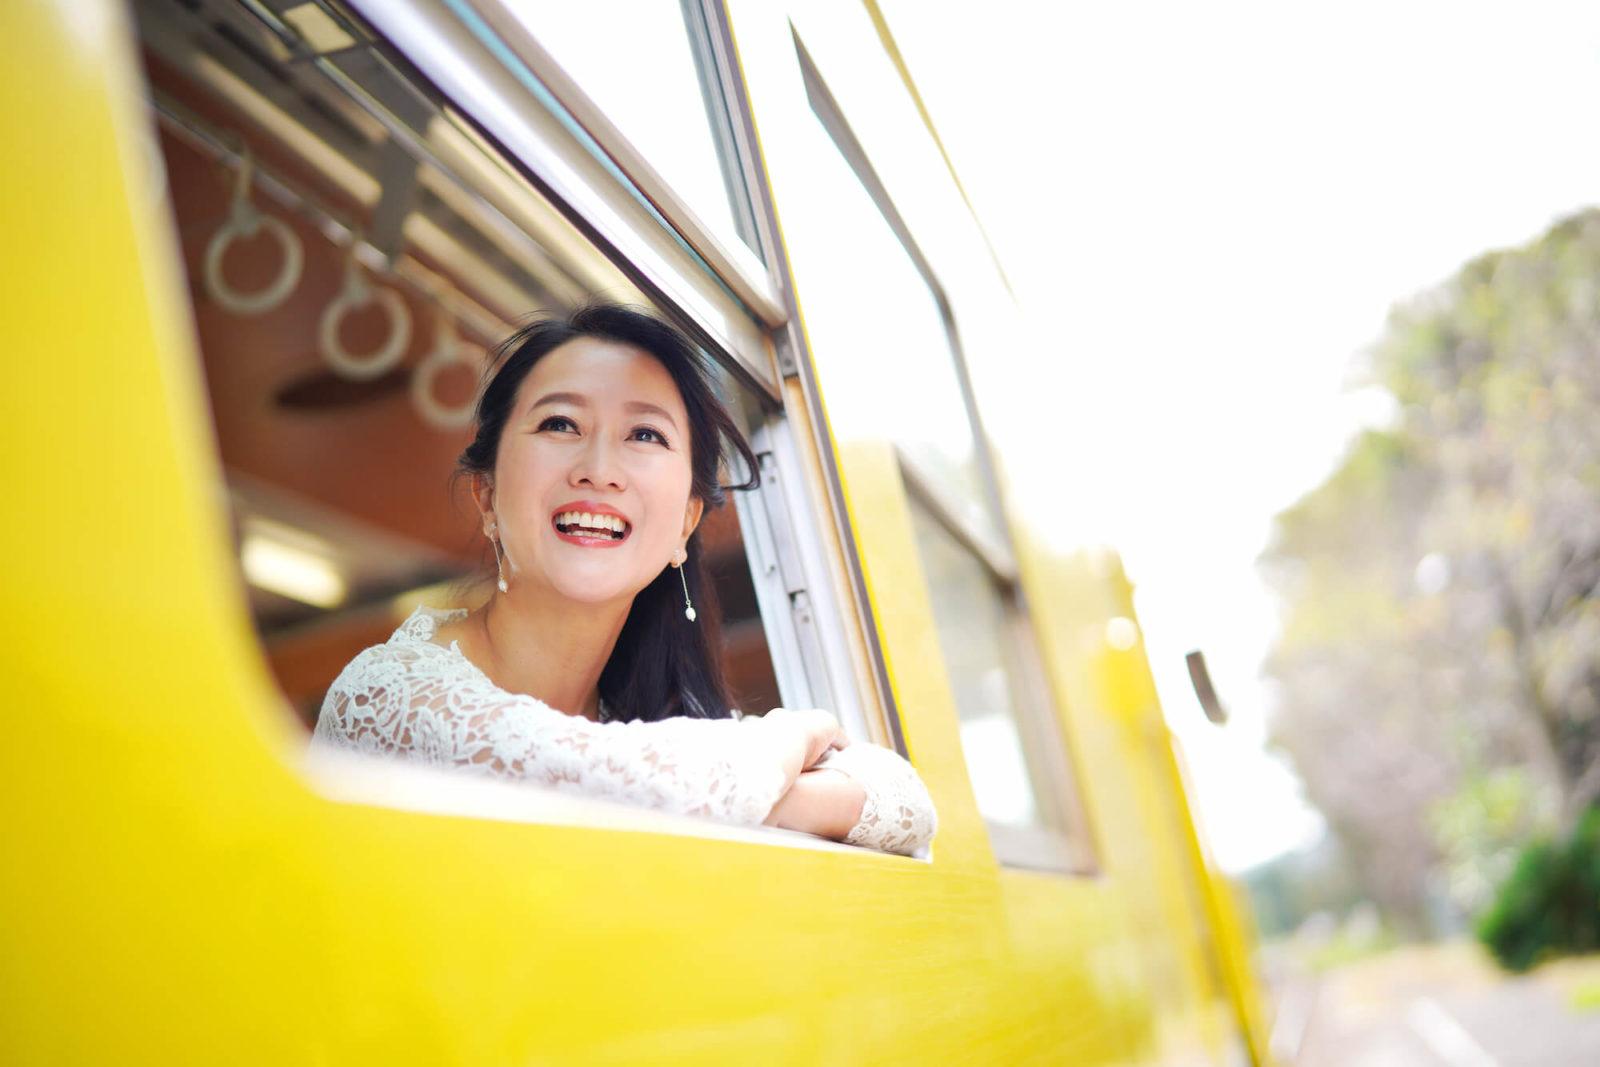 オペラ界のスター幸田浩子が歌う「日本のうた」第2弾がリリース&映画『デジモンアドベンチャー』の劇伴にも参加決定サムネイル画像